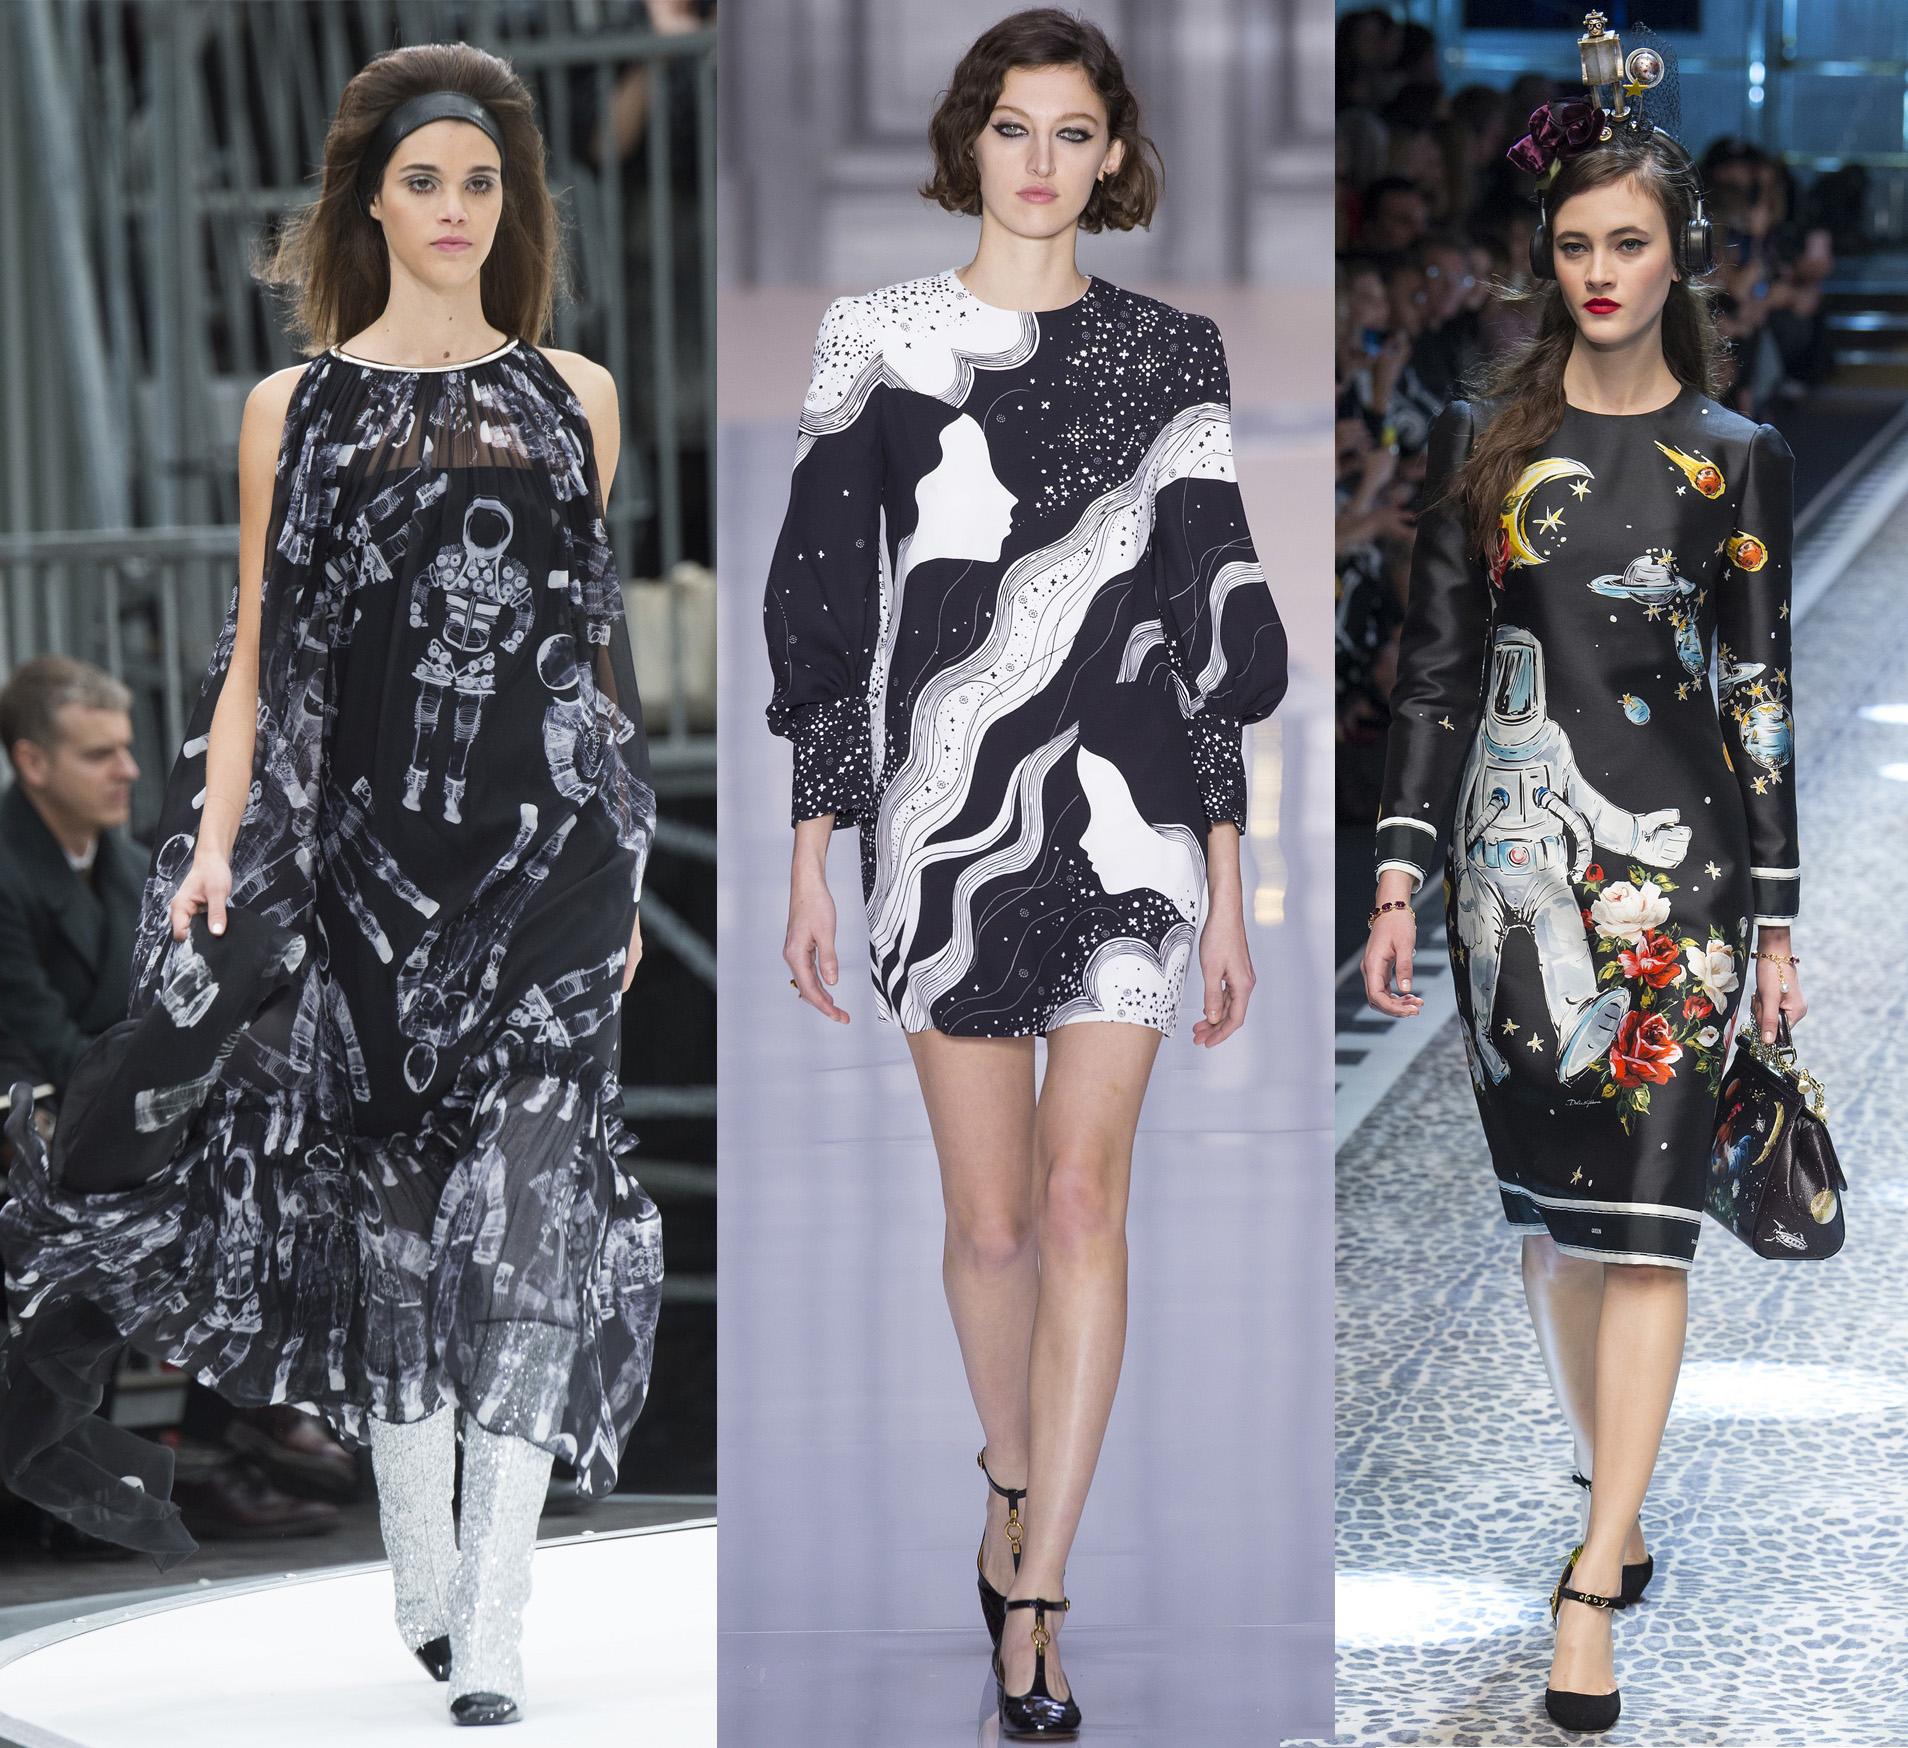 Chanel, Chloé, Dolce & Gabbana